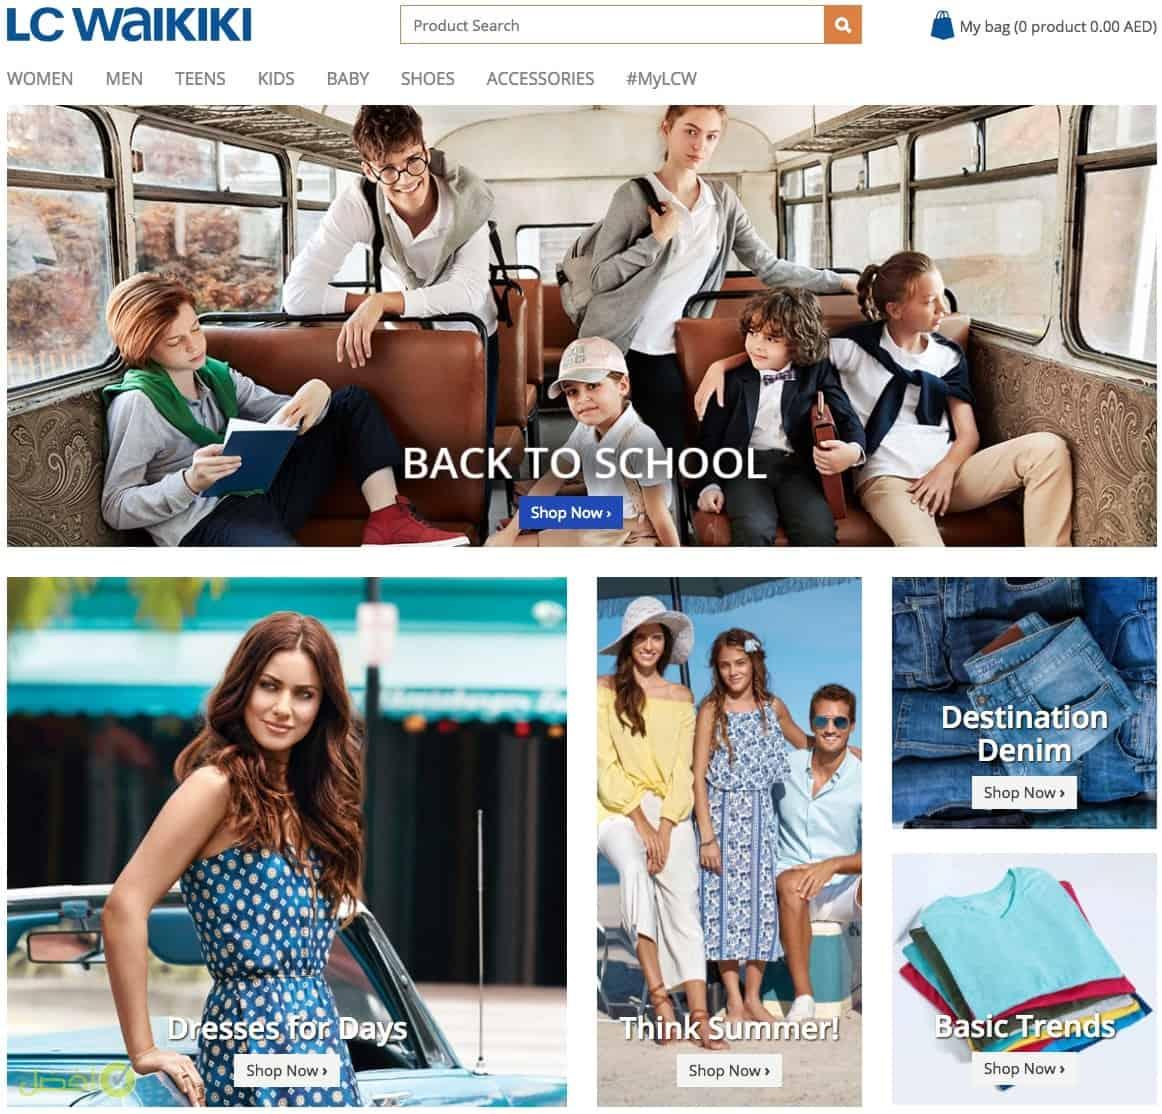 موقع إل سي واي كيكي التركي افضل مواقع تسوق فساتين تركية